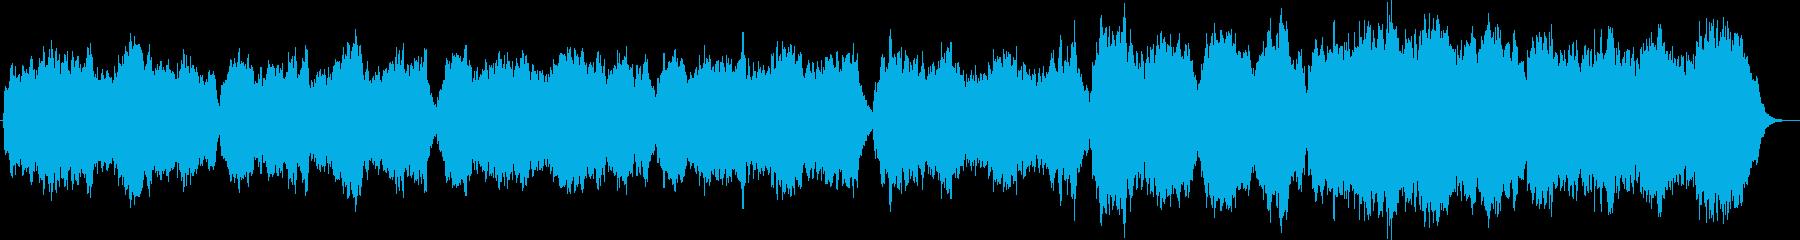 弦楽とハープシコードのバロックオリジナルの再生済みの波形